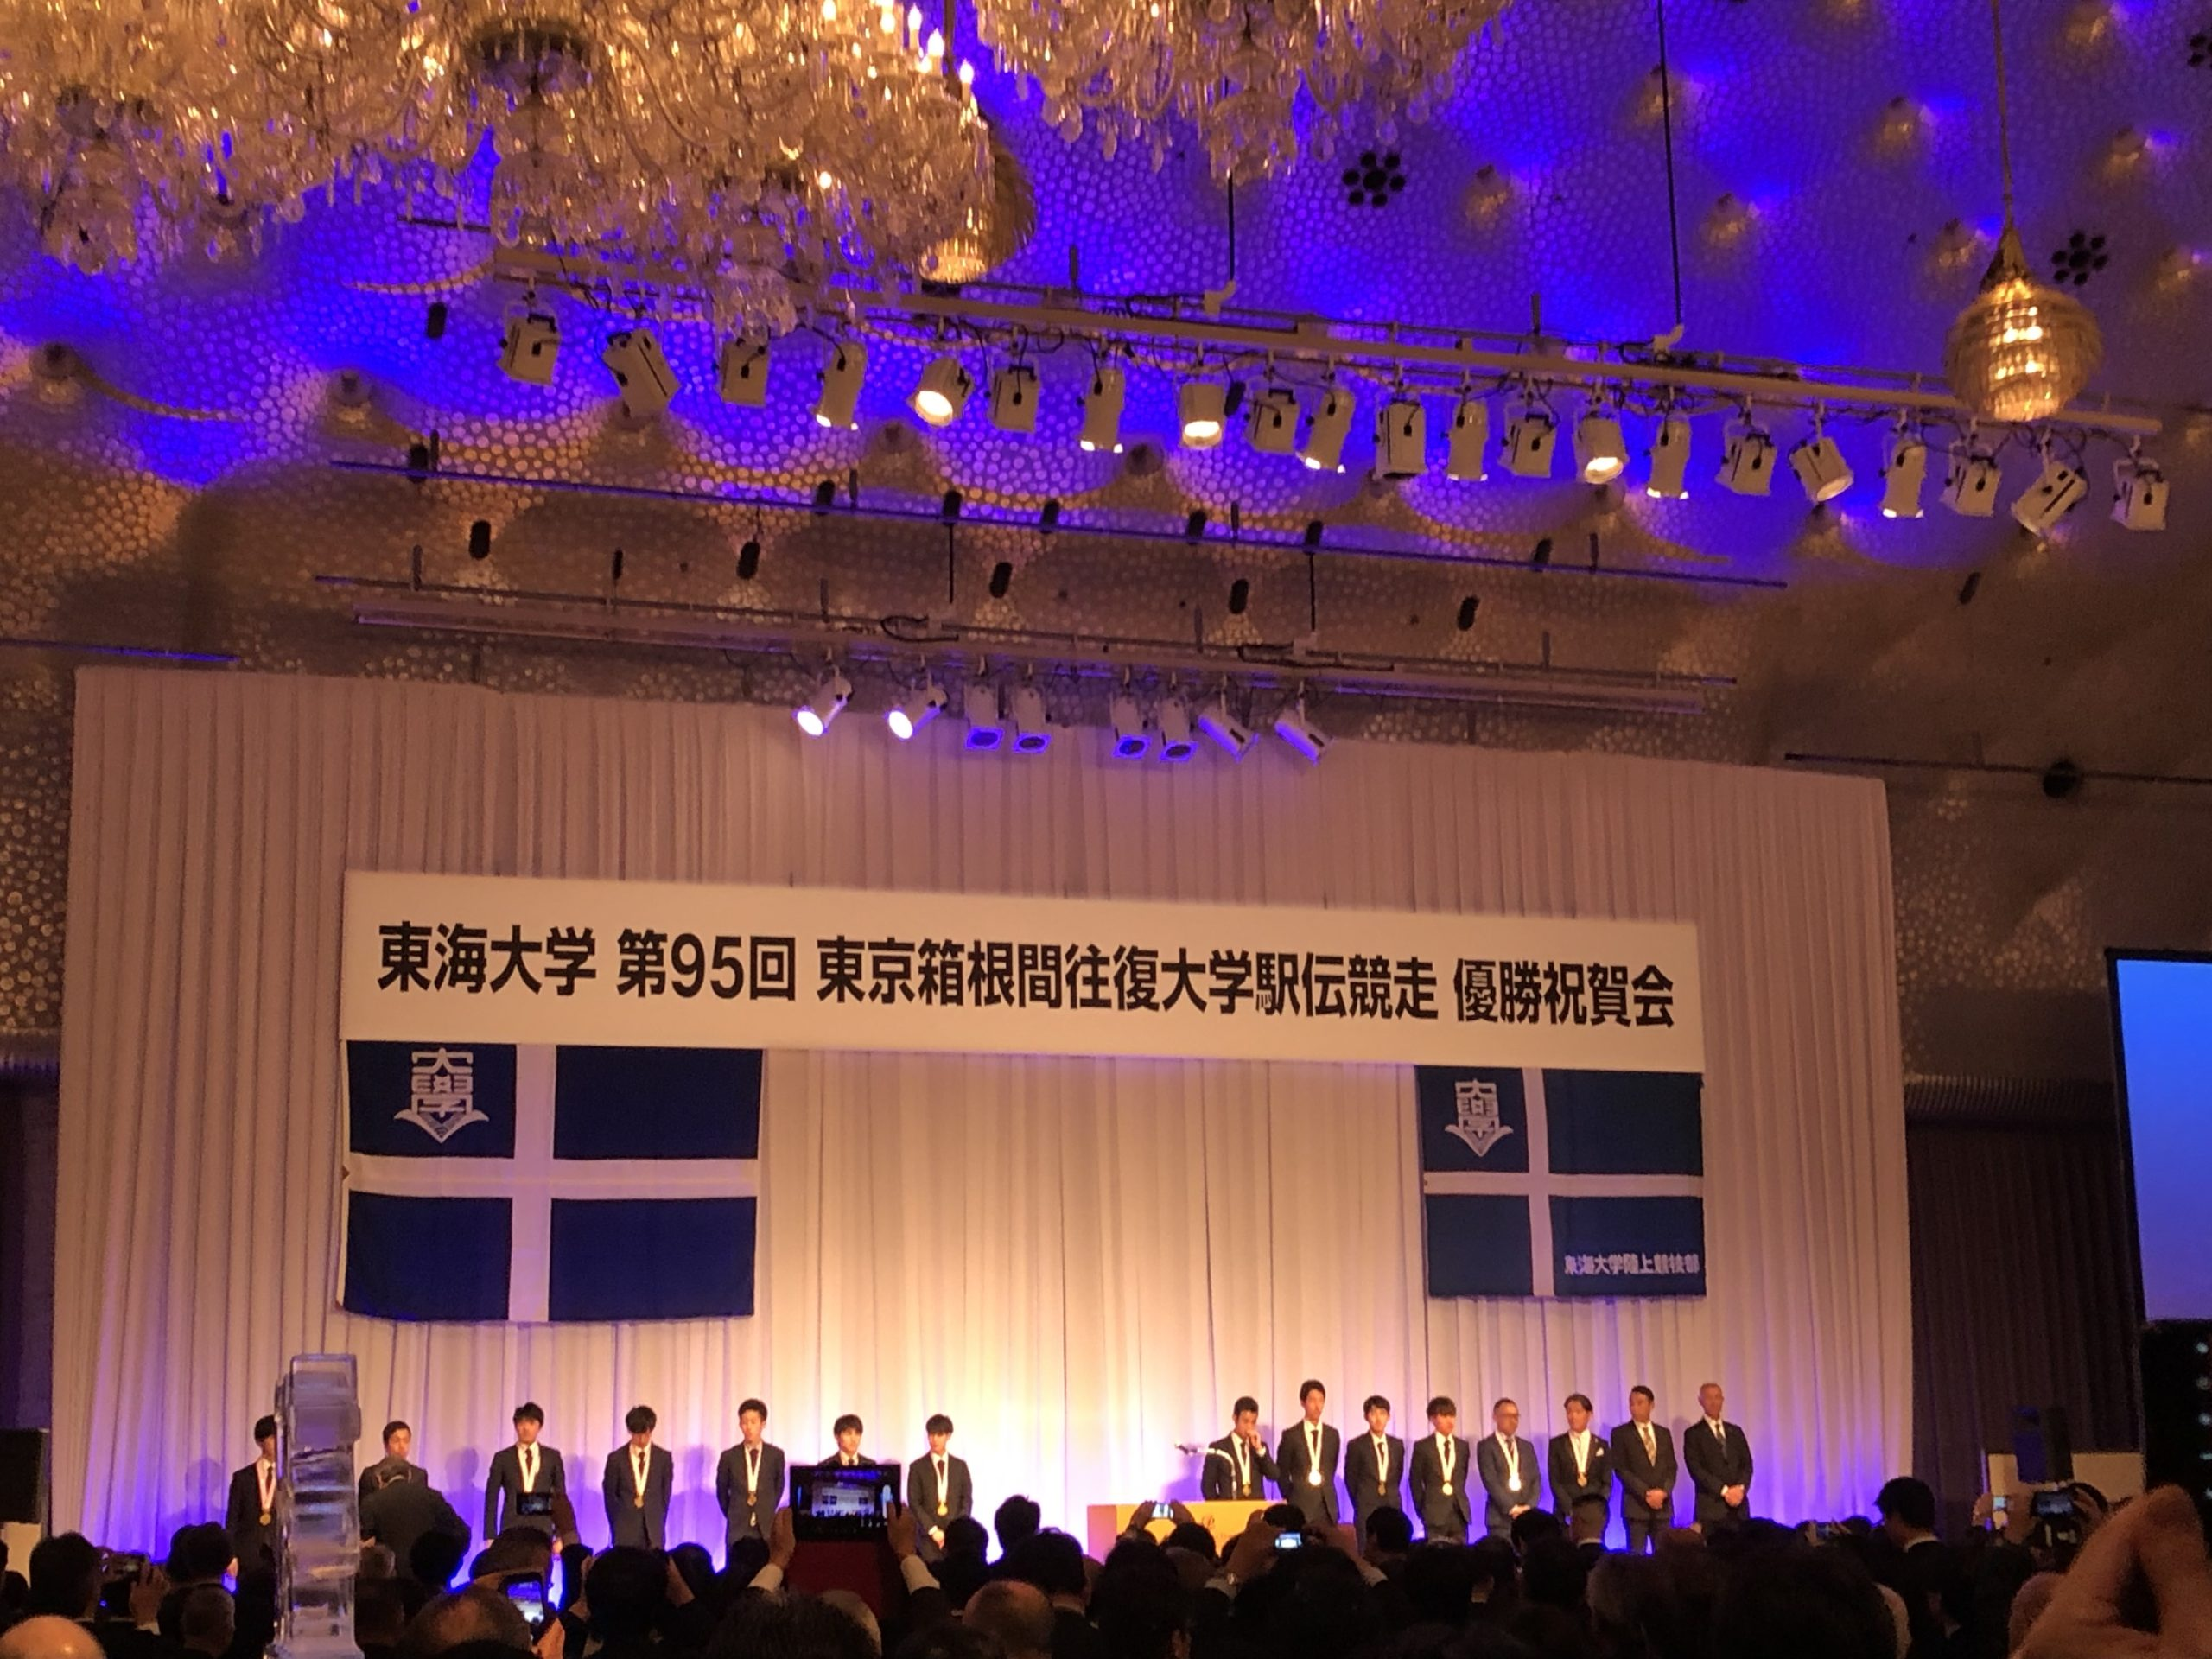 箱根駅伝優勝祝賀会に参加してきました。